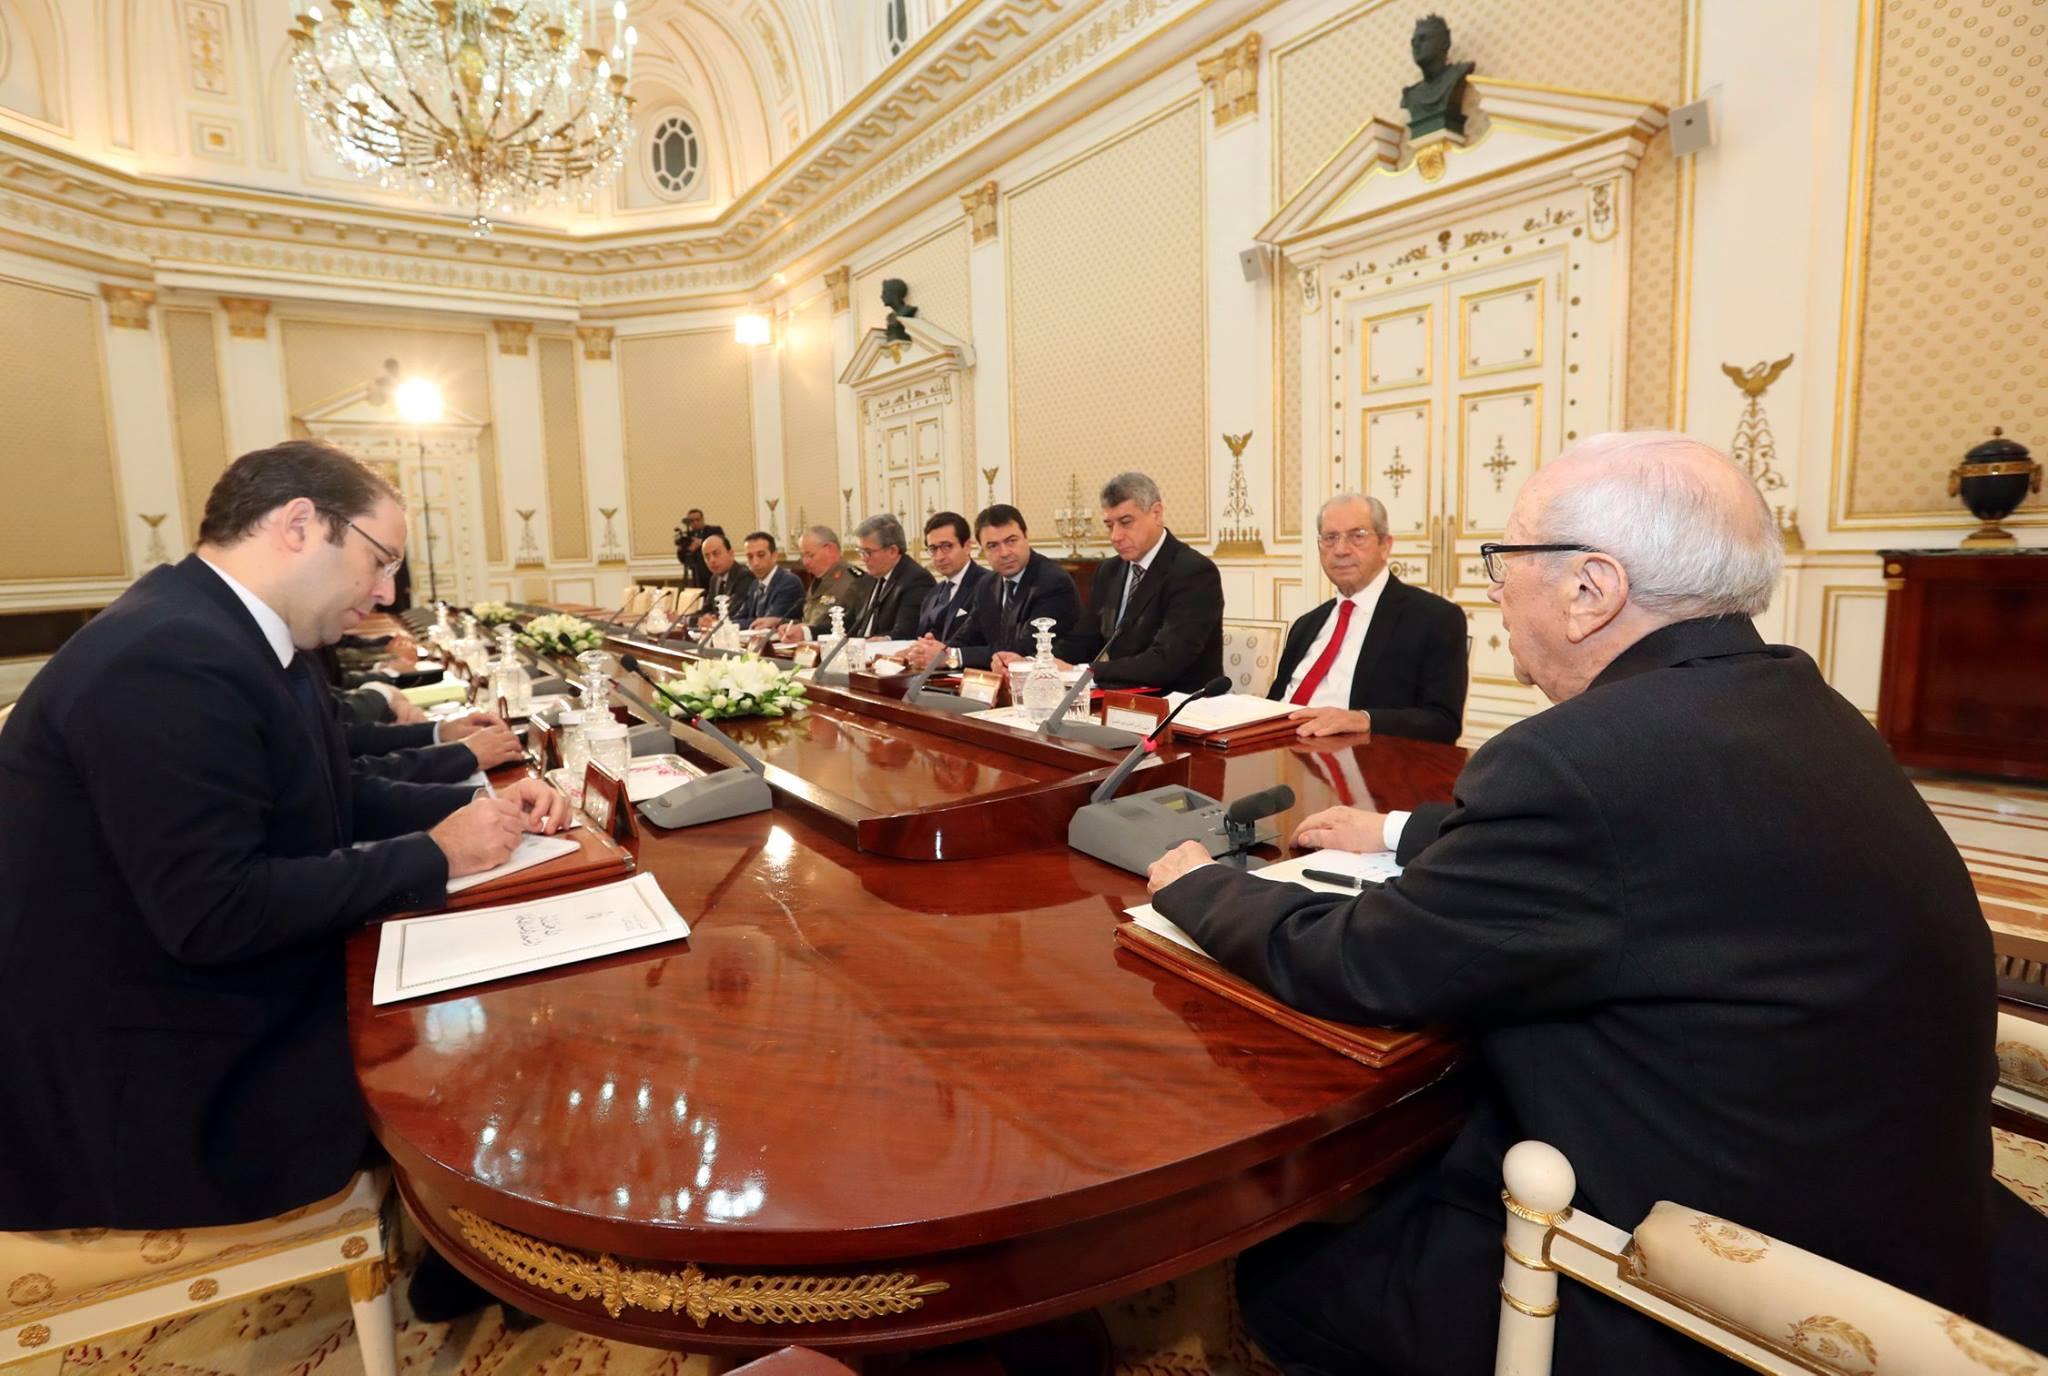 على وقع تطورات الوضع في ليبيا والجزائر: مجلس الأمن القومي يجتمع اليوم